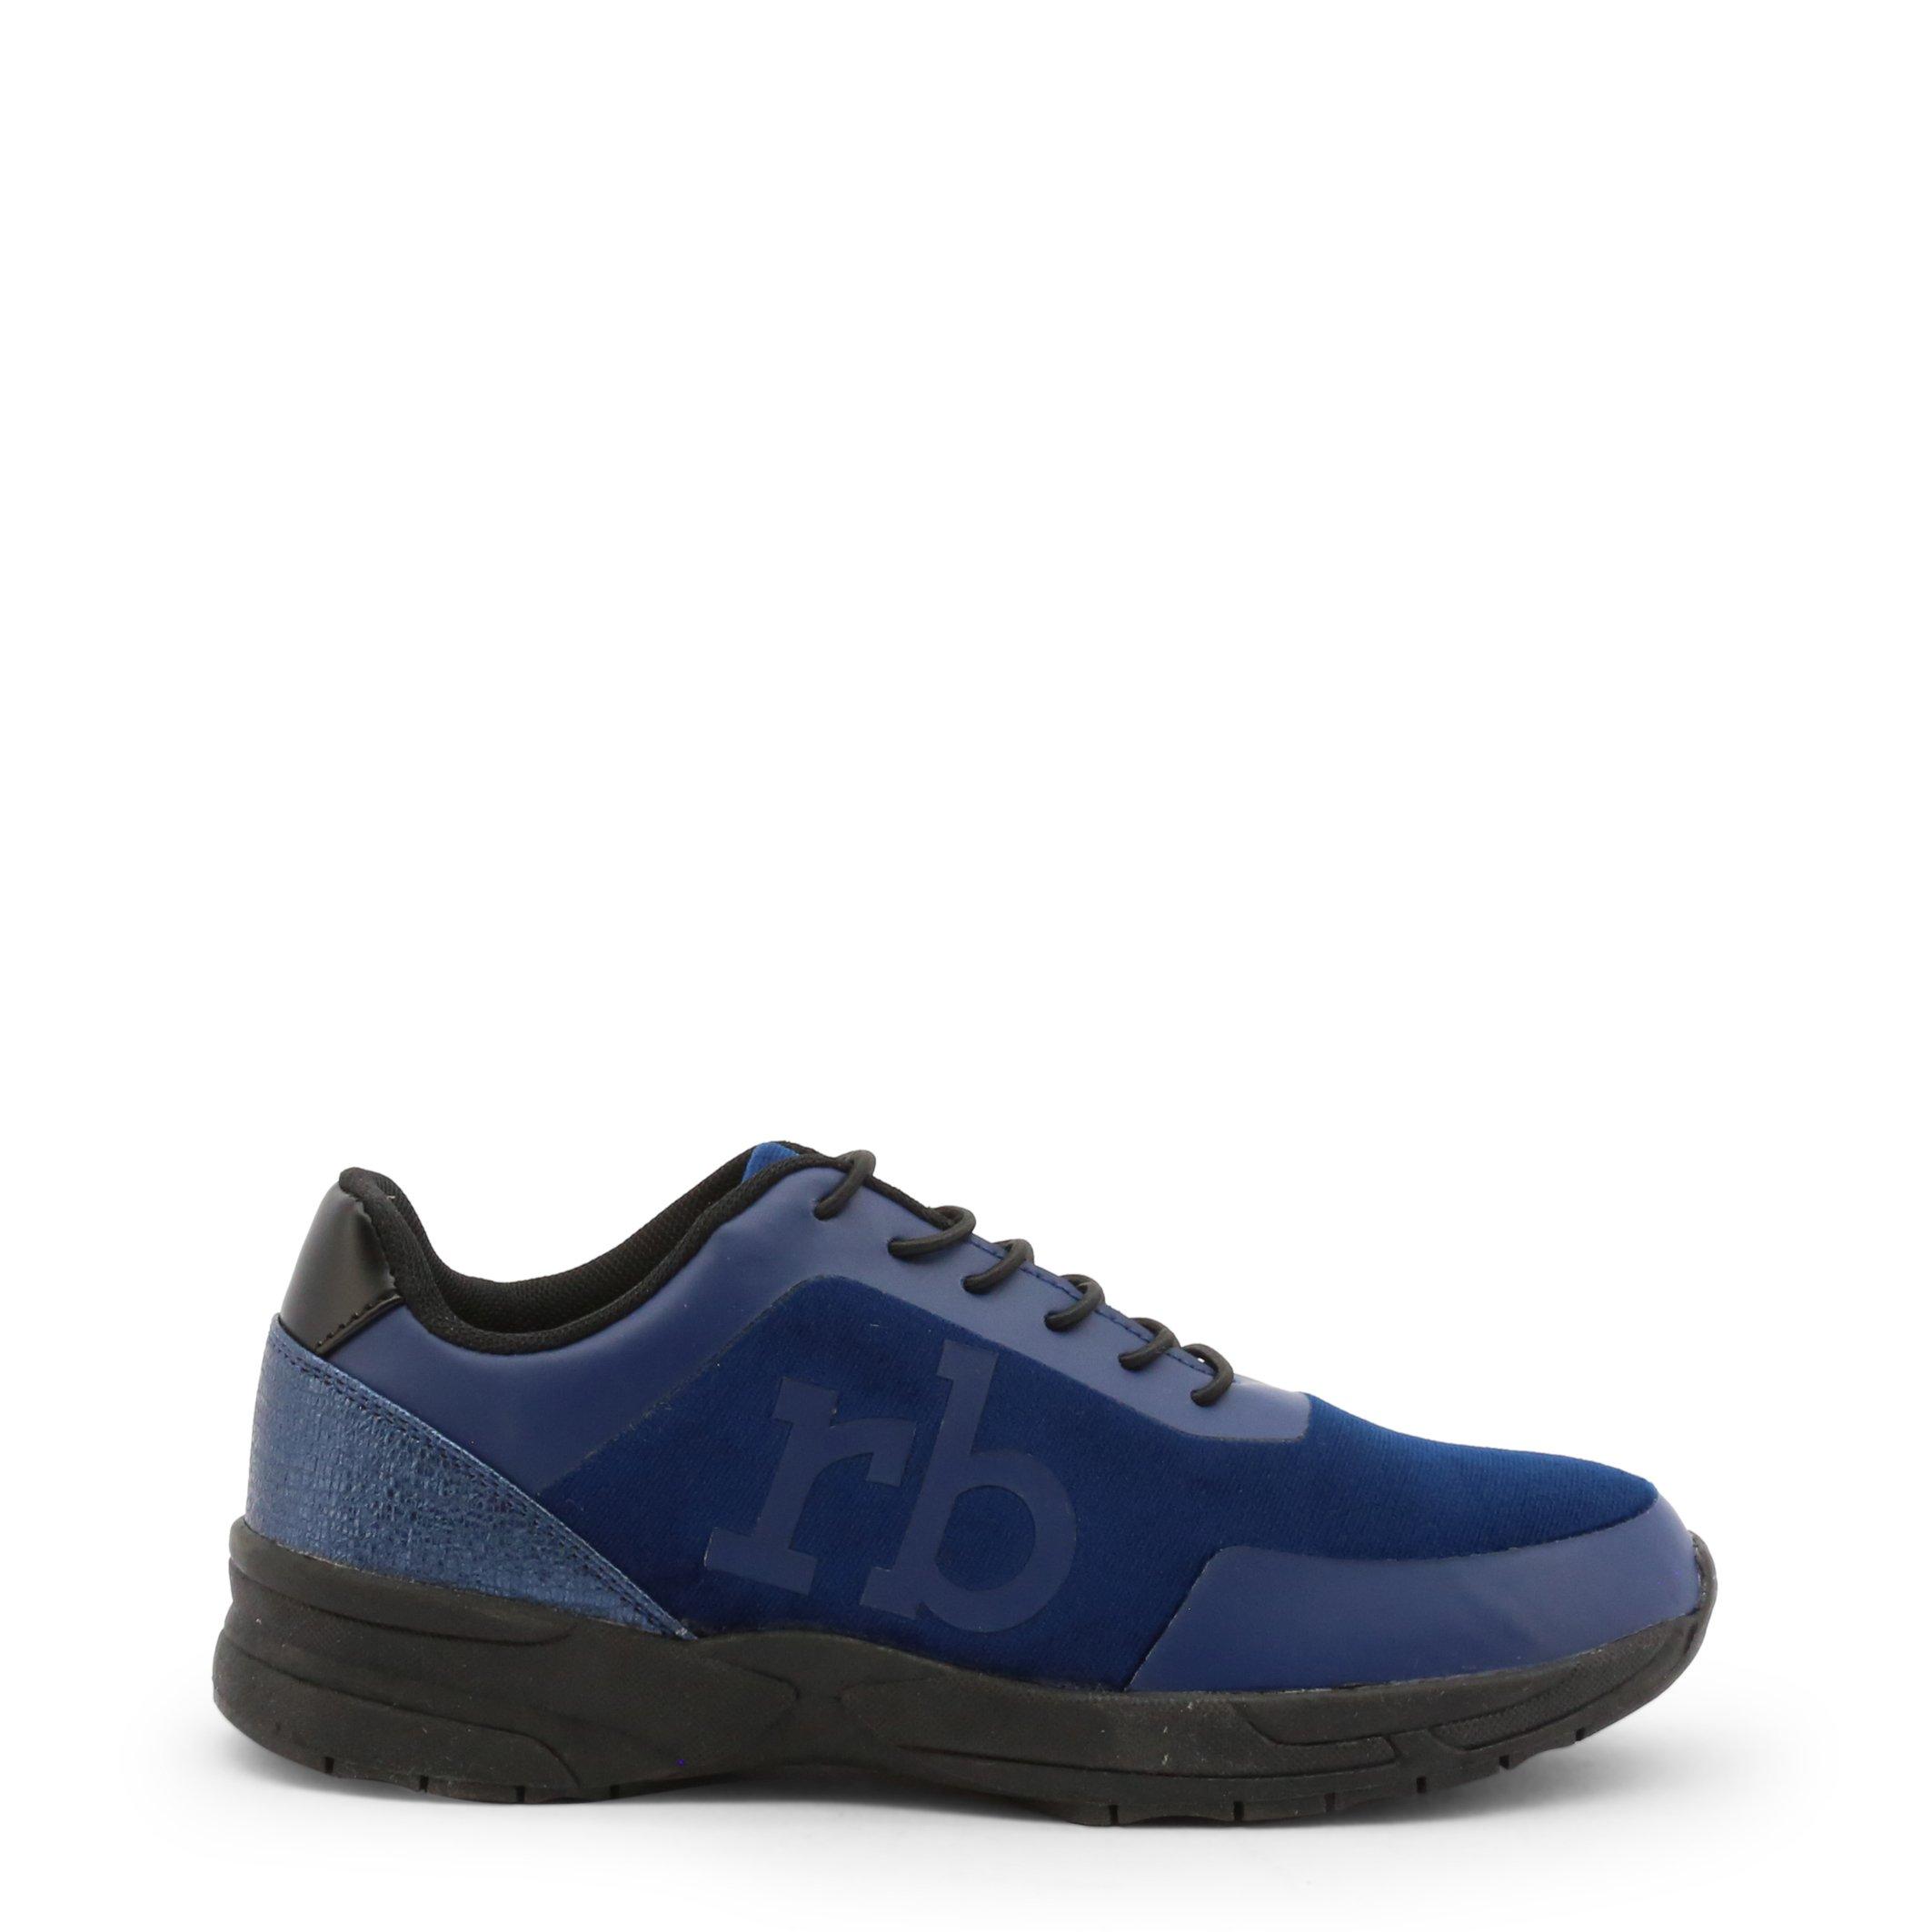 Roccobarocco Women's Sneakers Shoe Black 342955 - blue EU 37